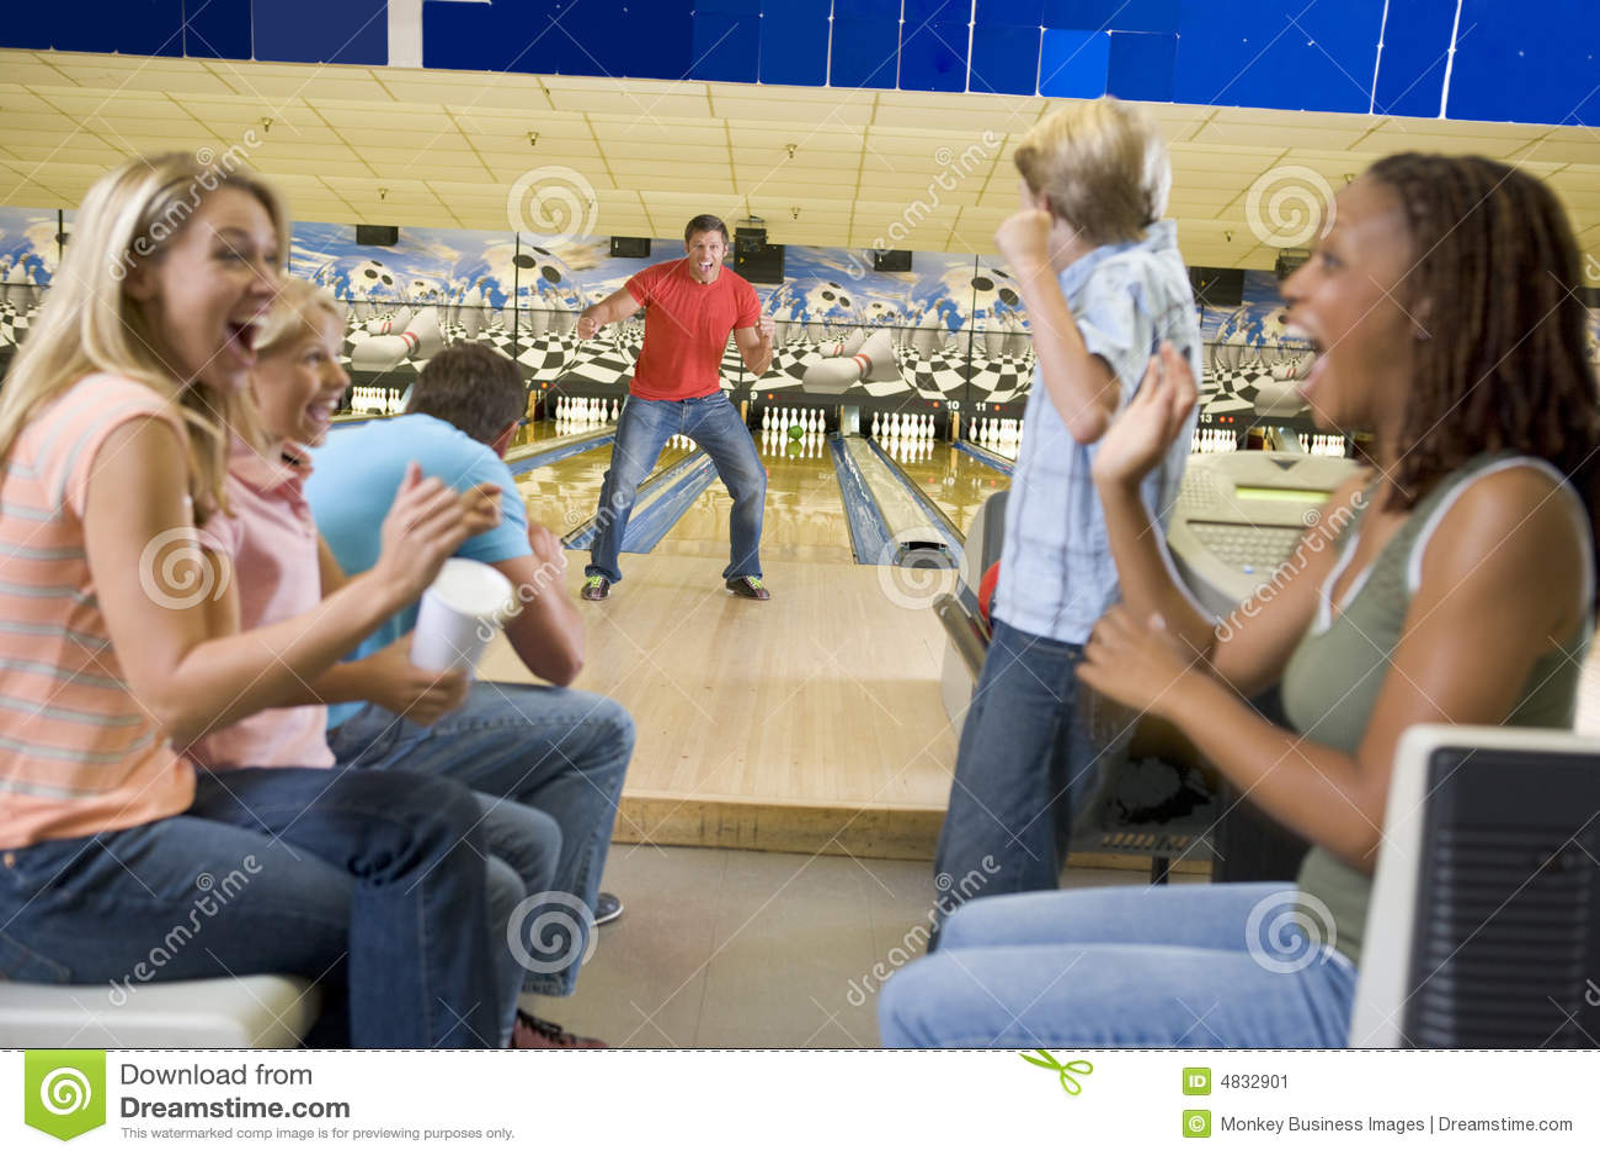 Famílias no desengate à aléia de bowling